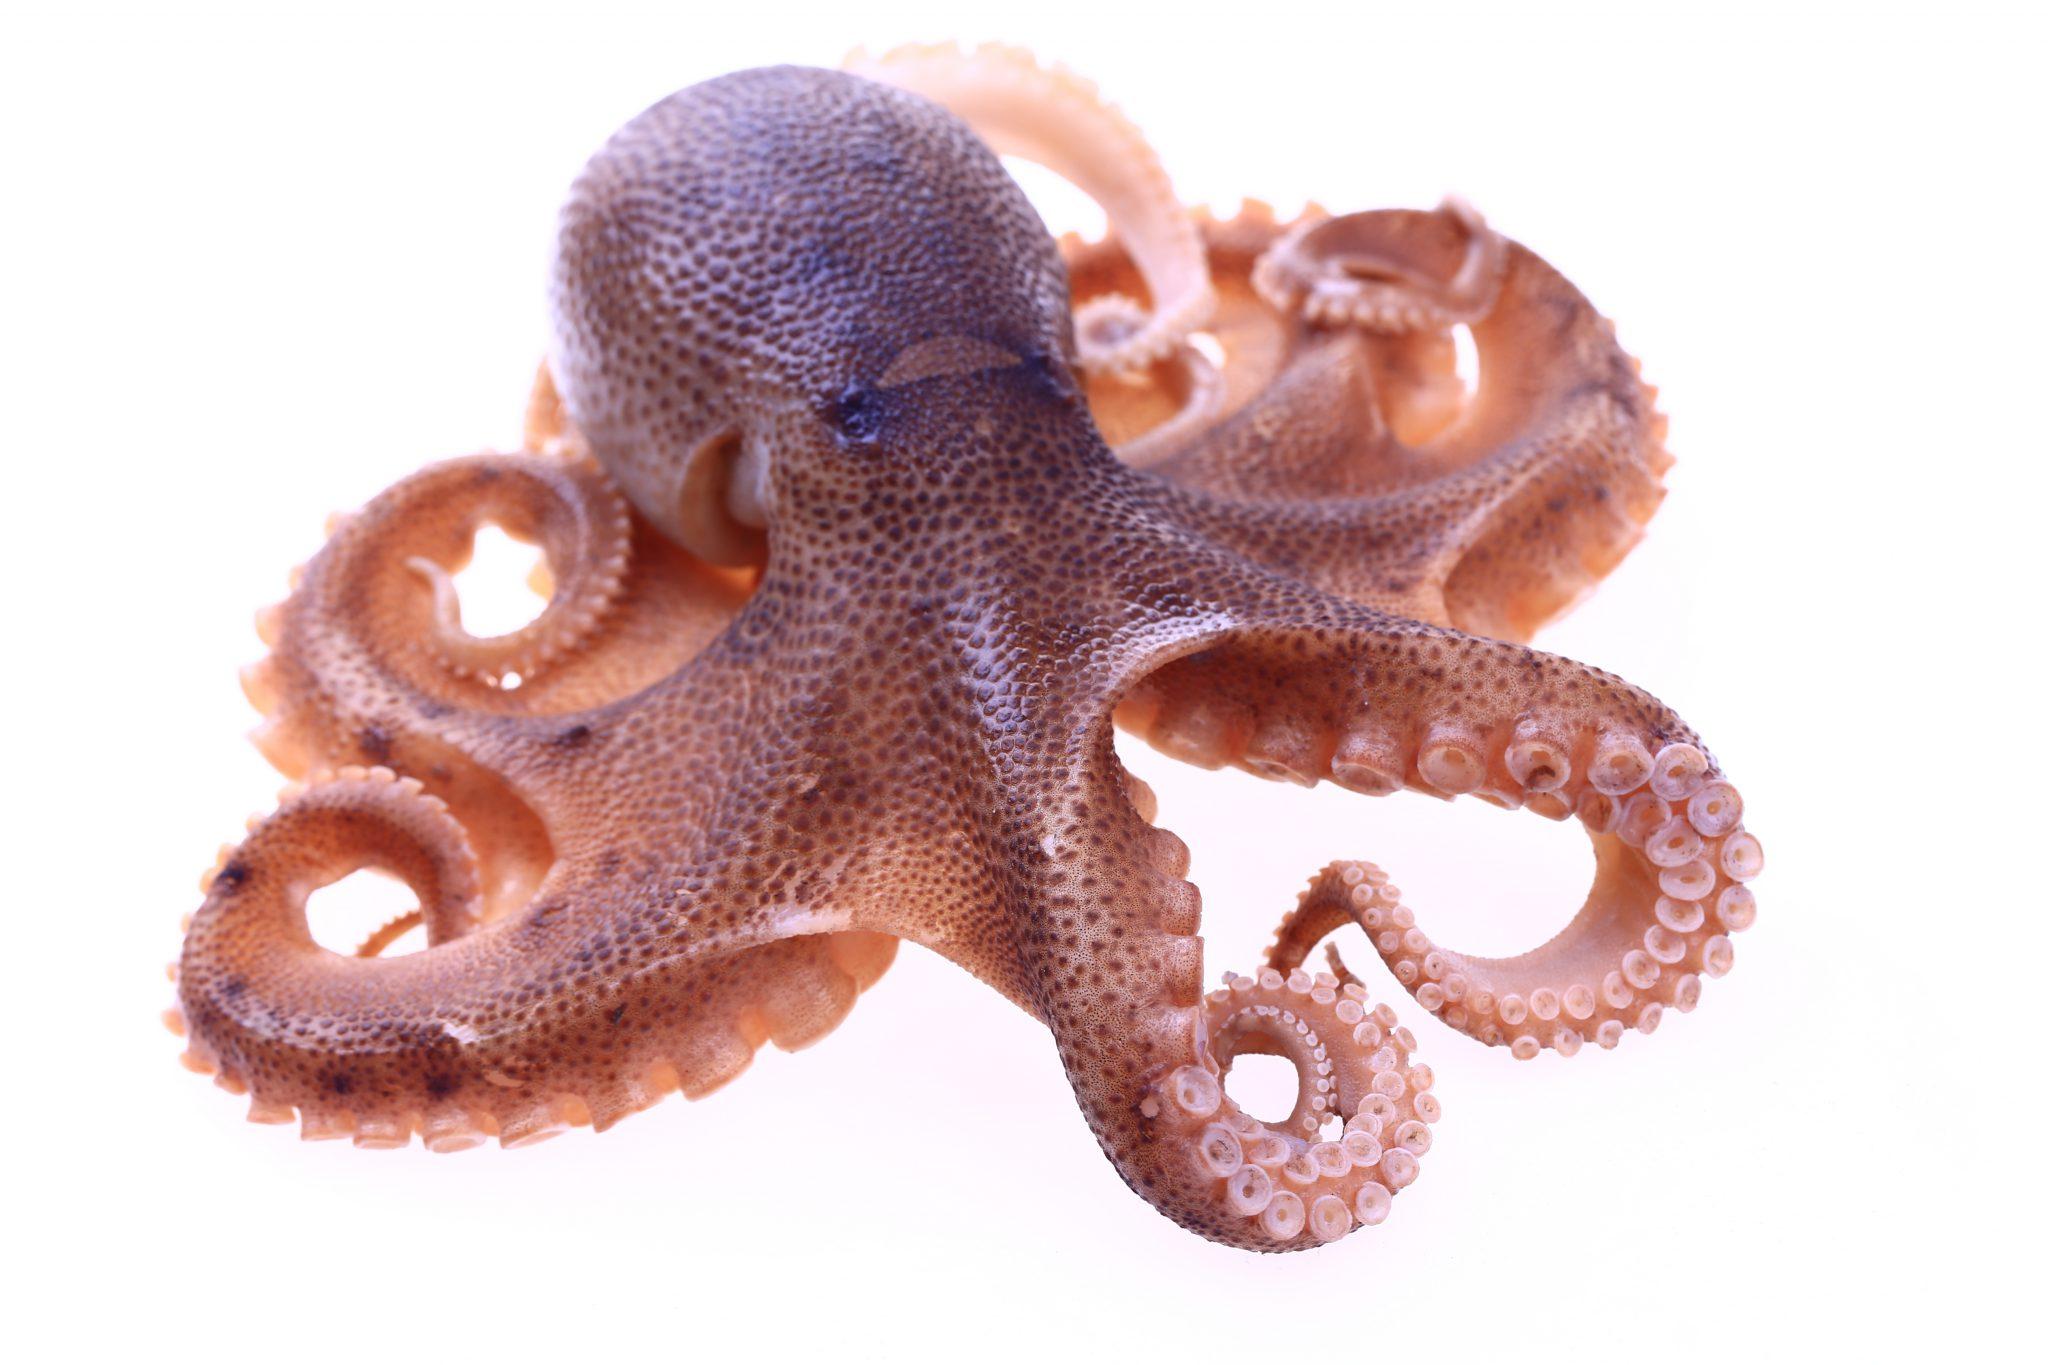 OCTOPUS | octopus vulgaris